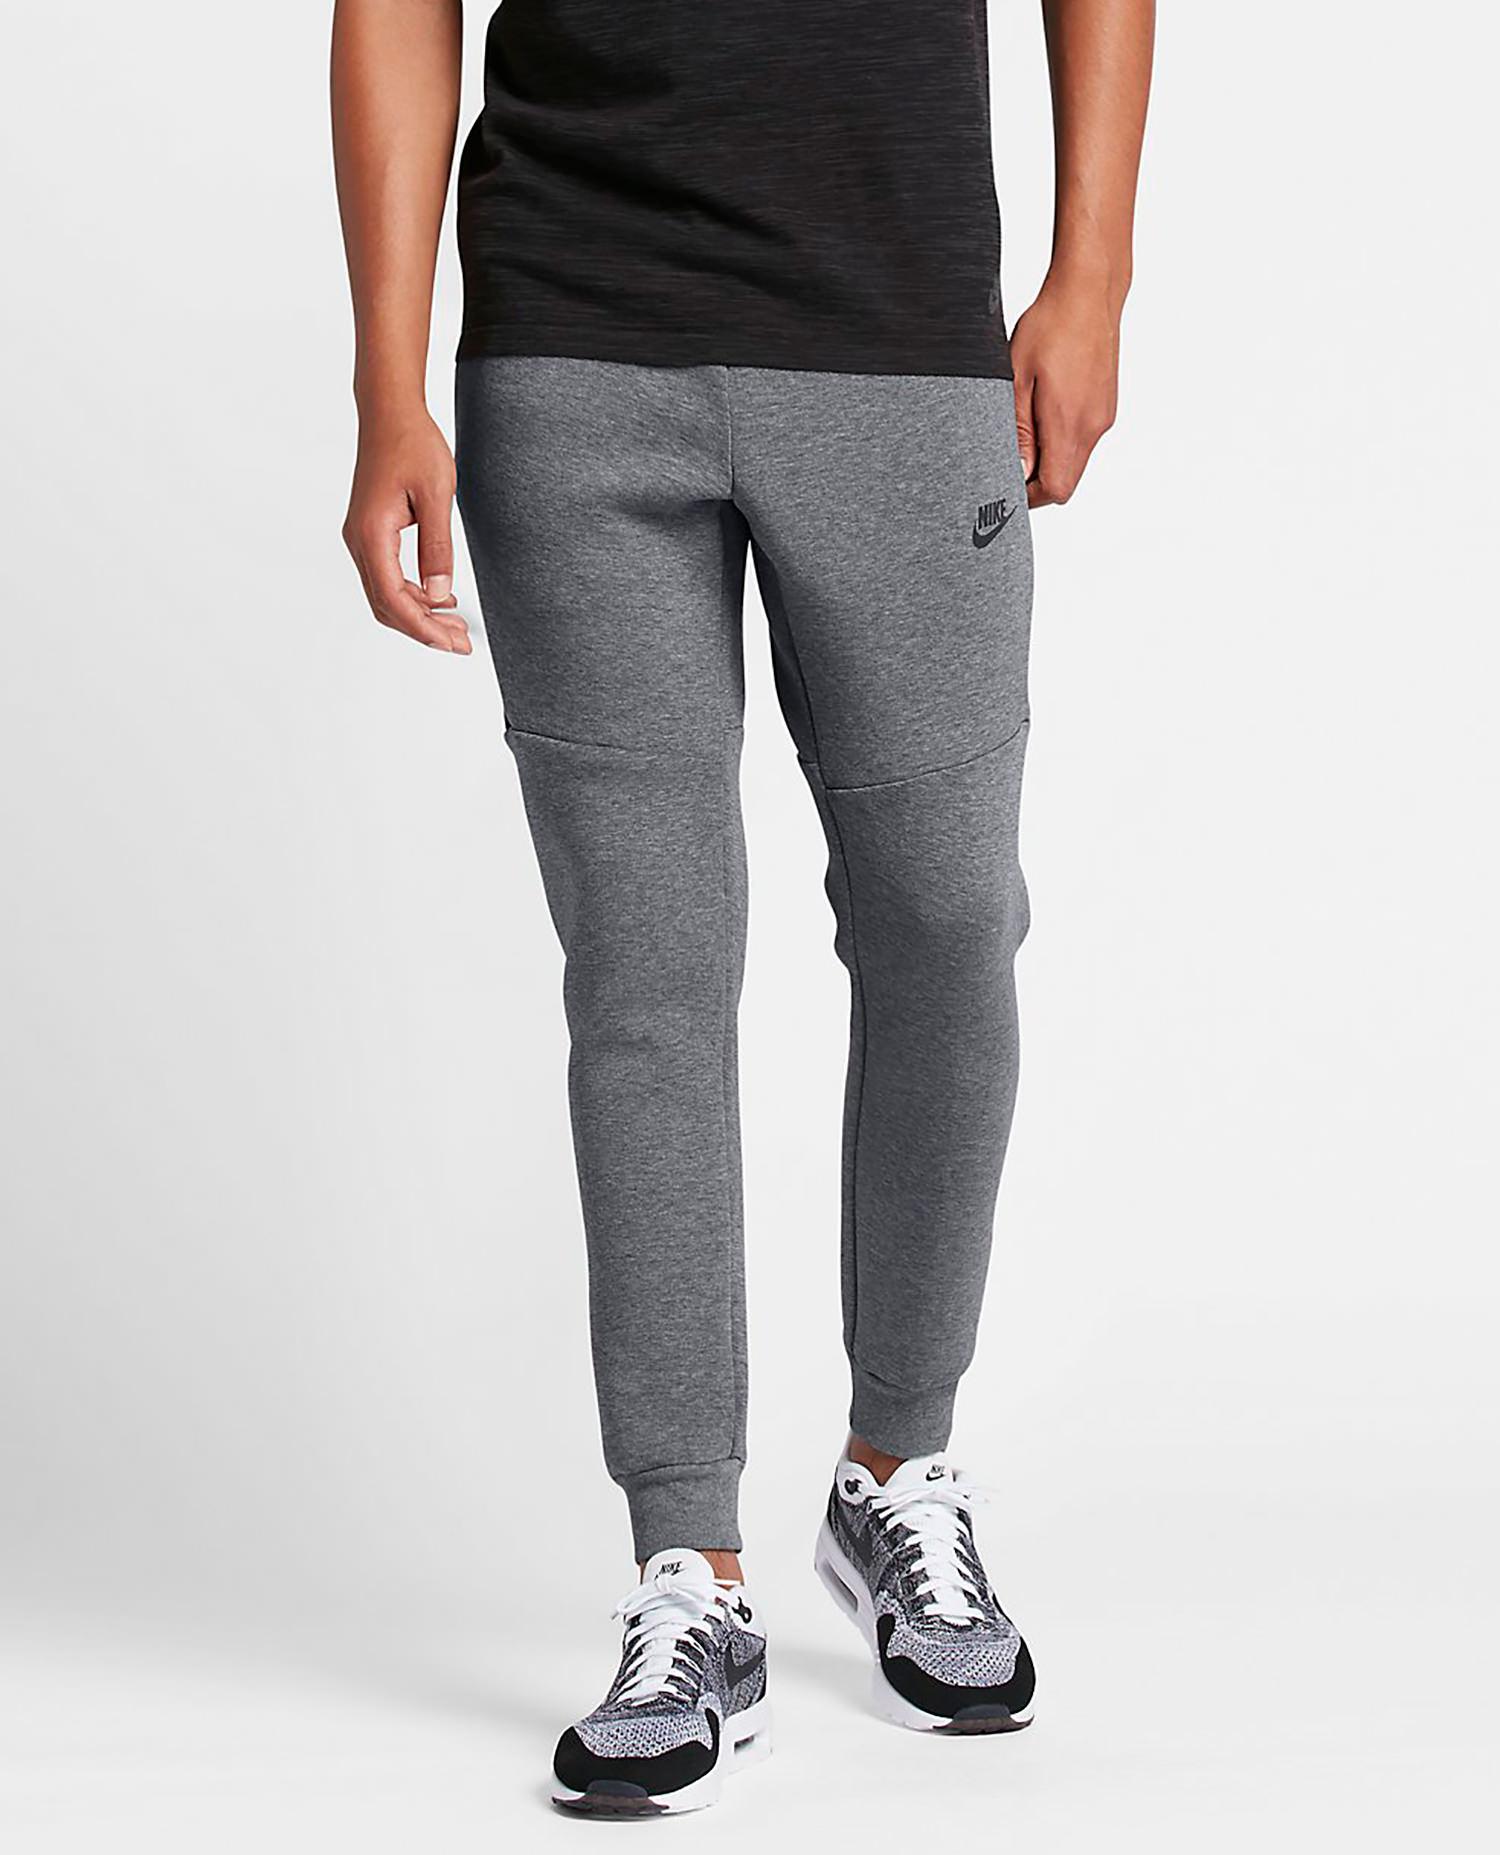 pants-03